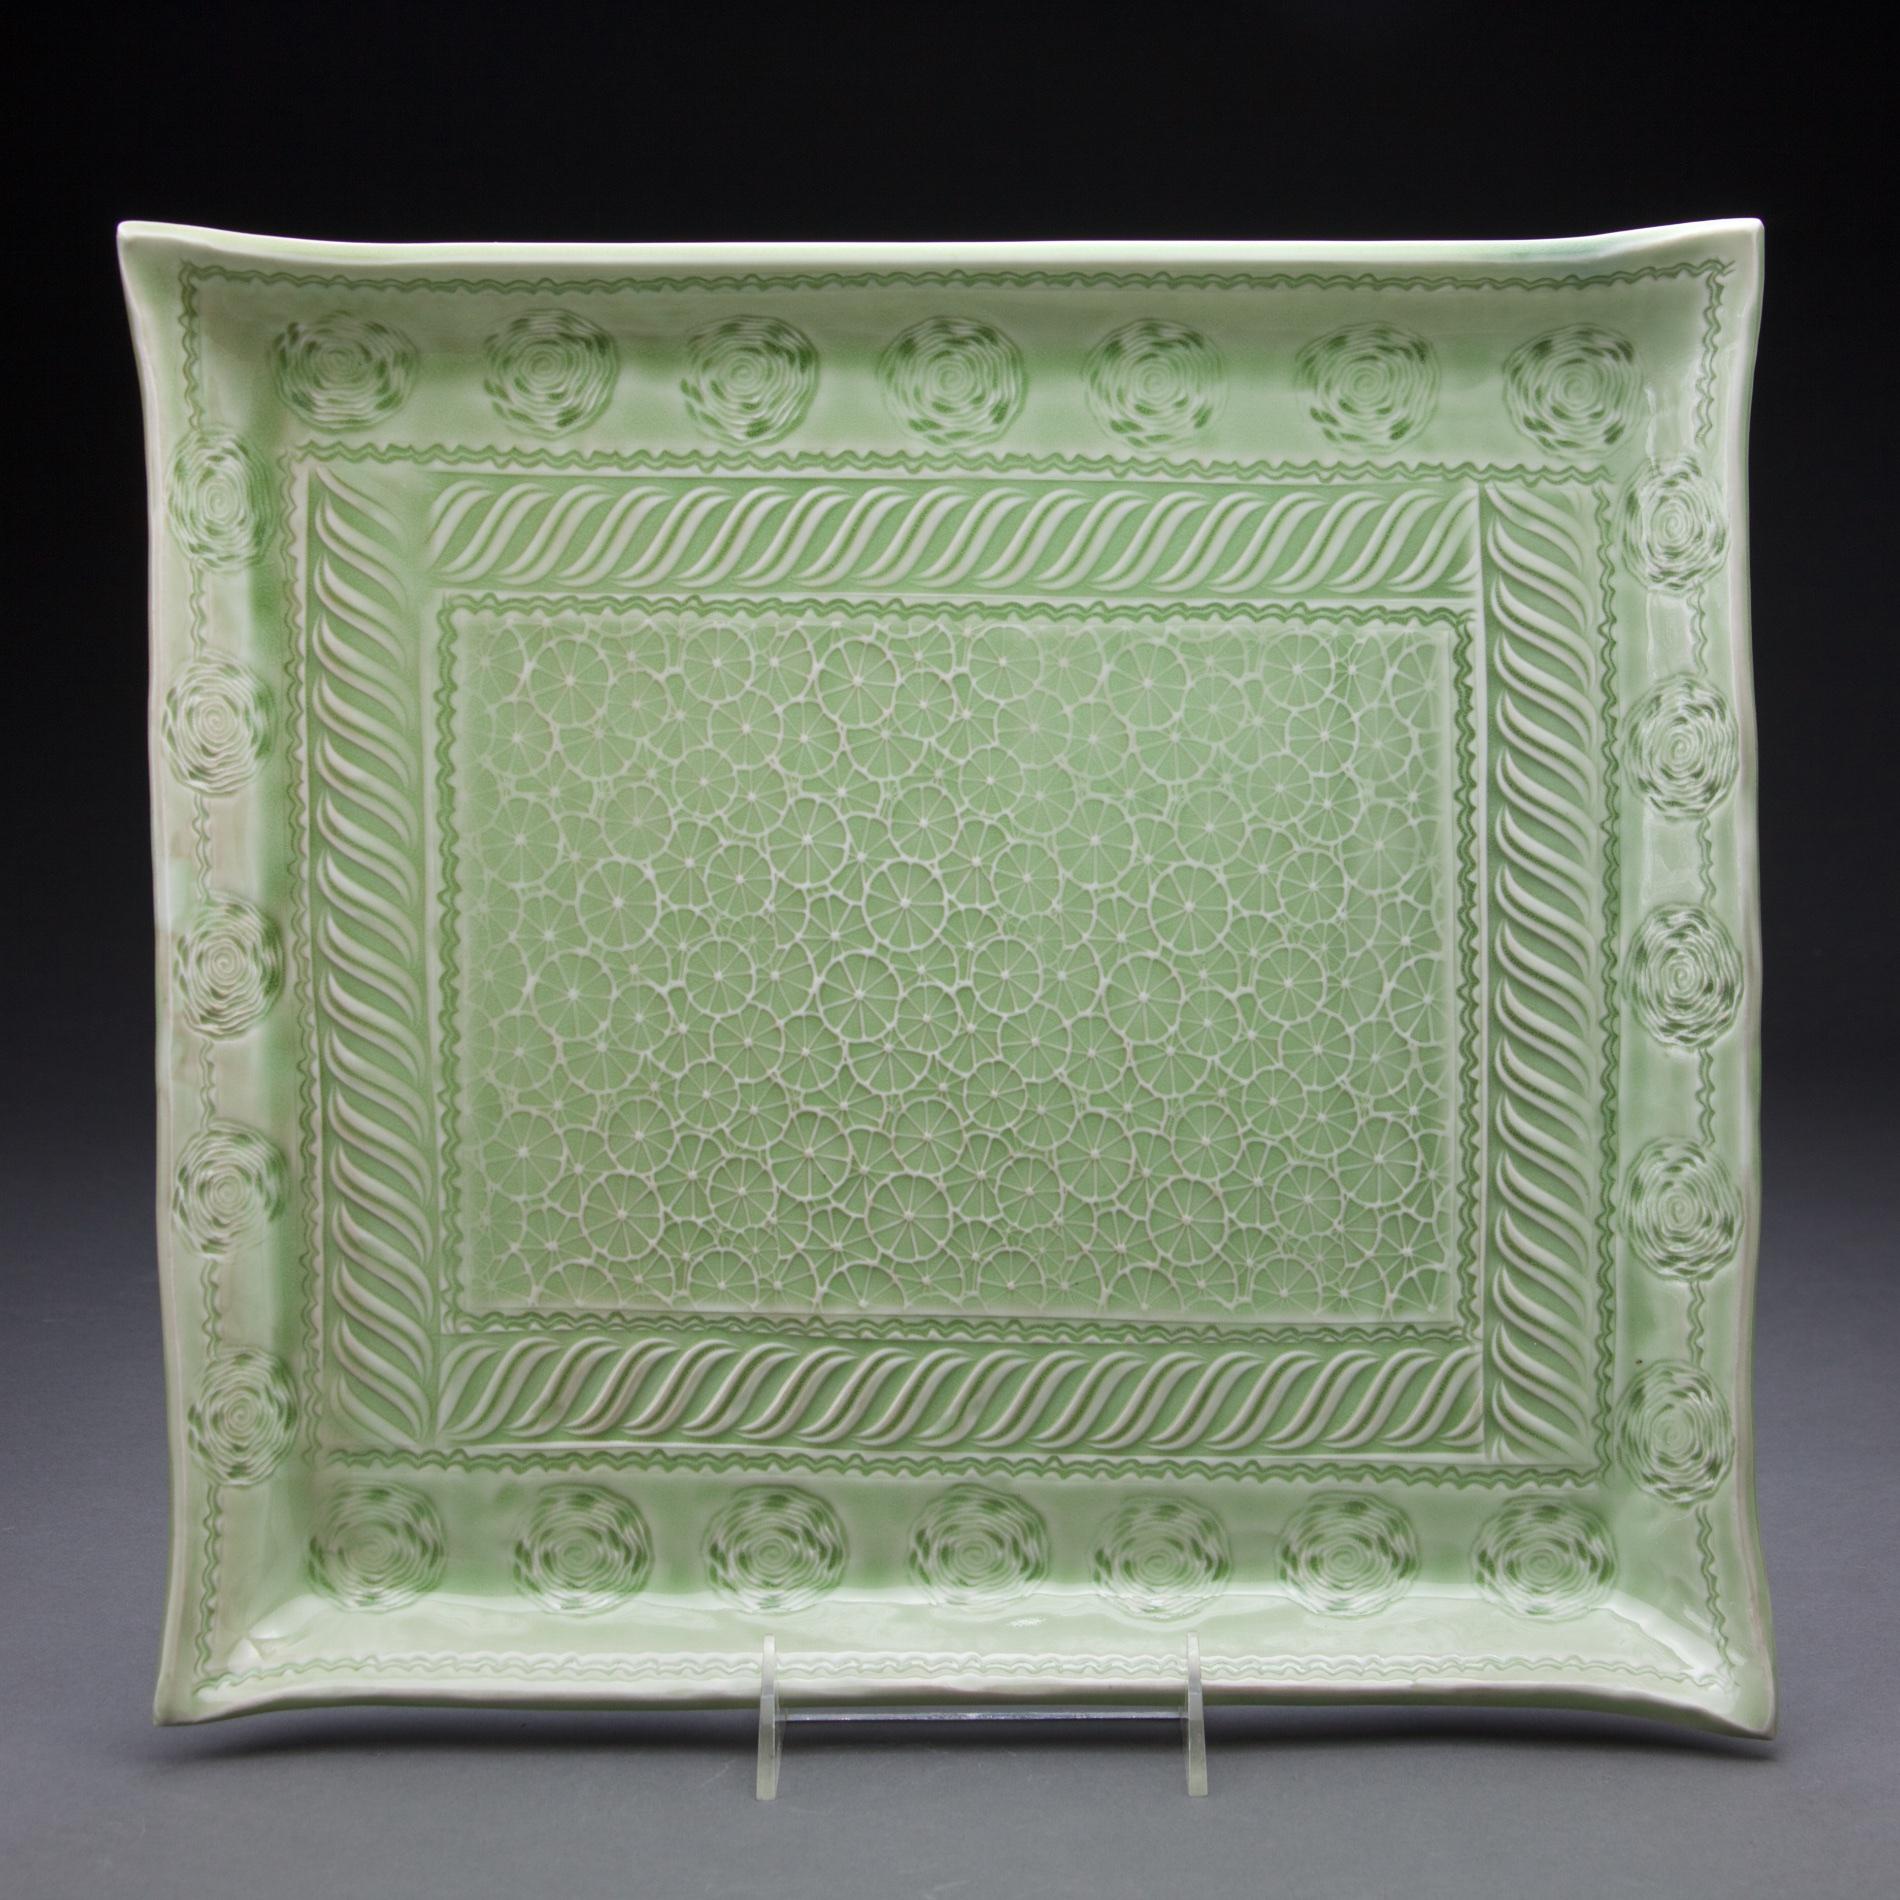 14x14 in. apple green celadon